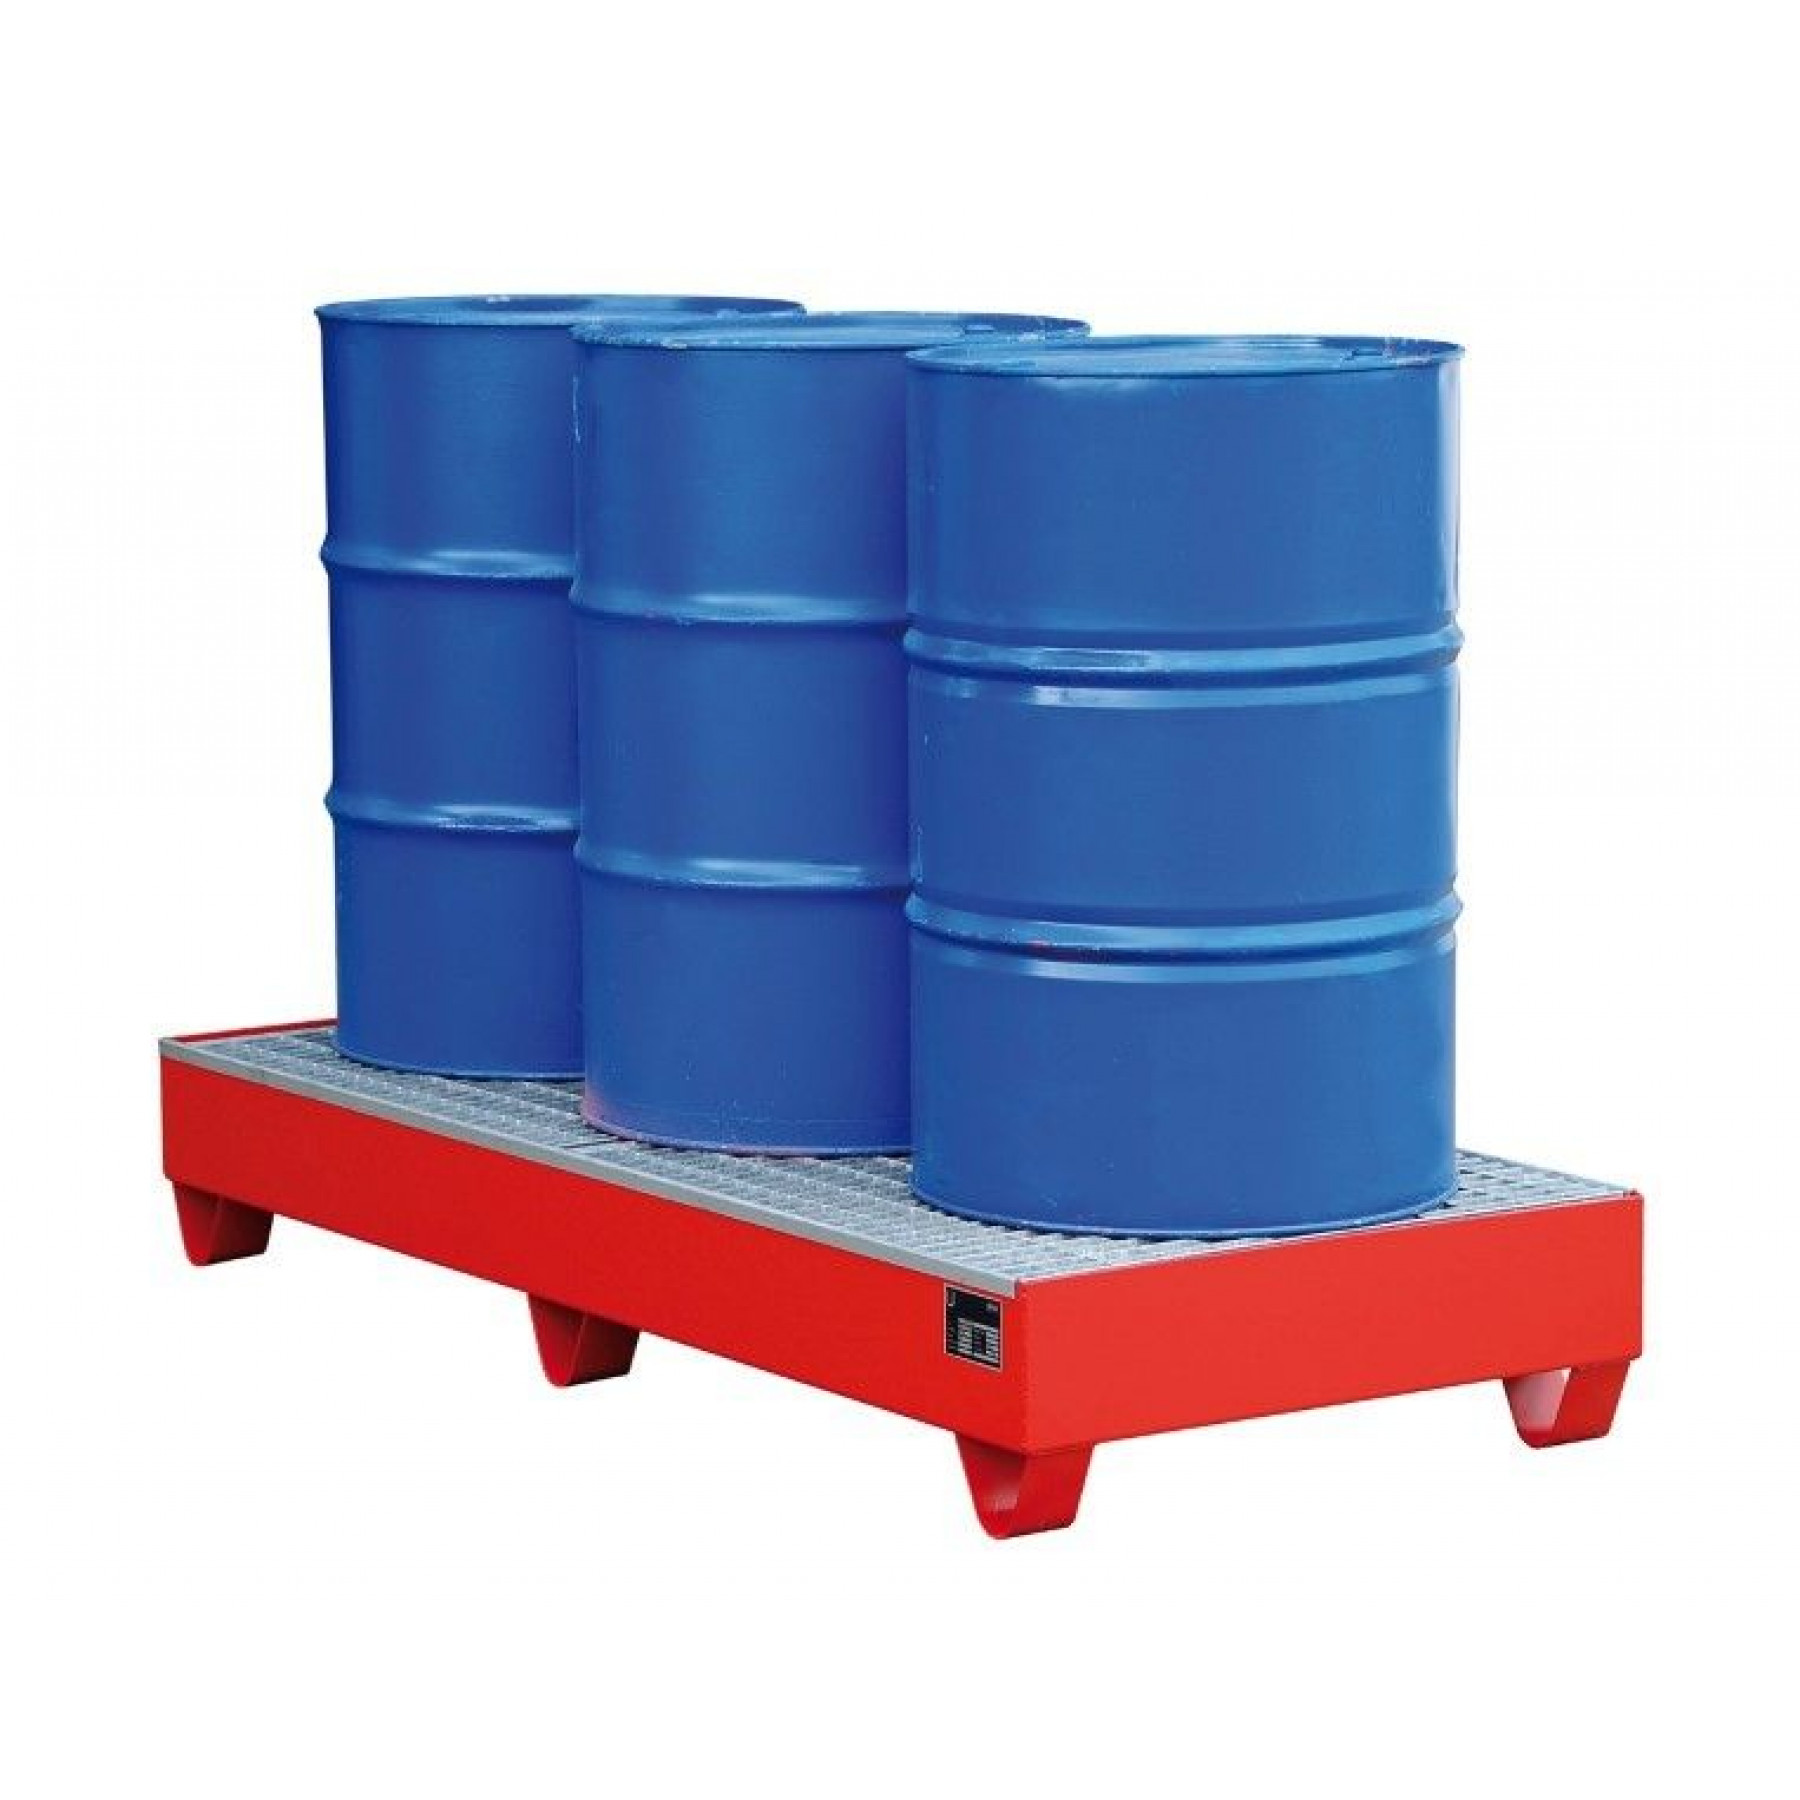 Vloeistofopvangbak voor 3 x 200 liter vat